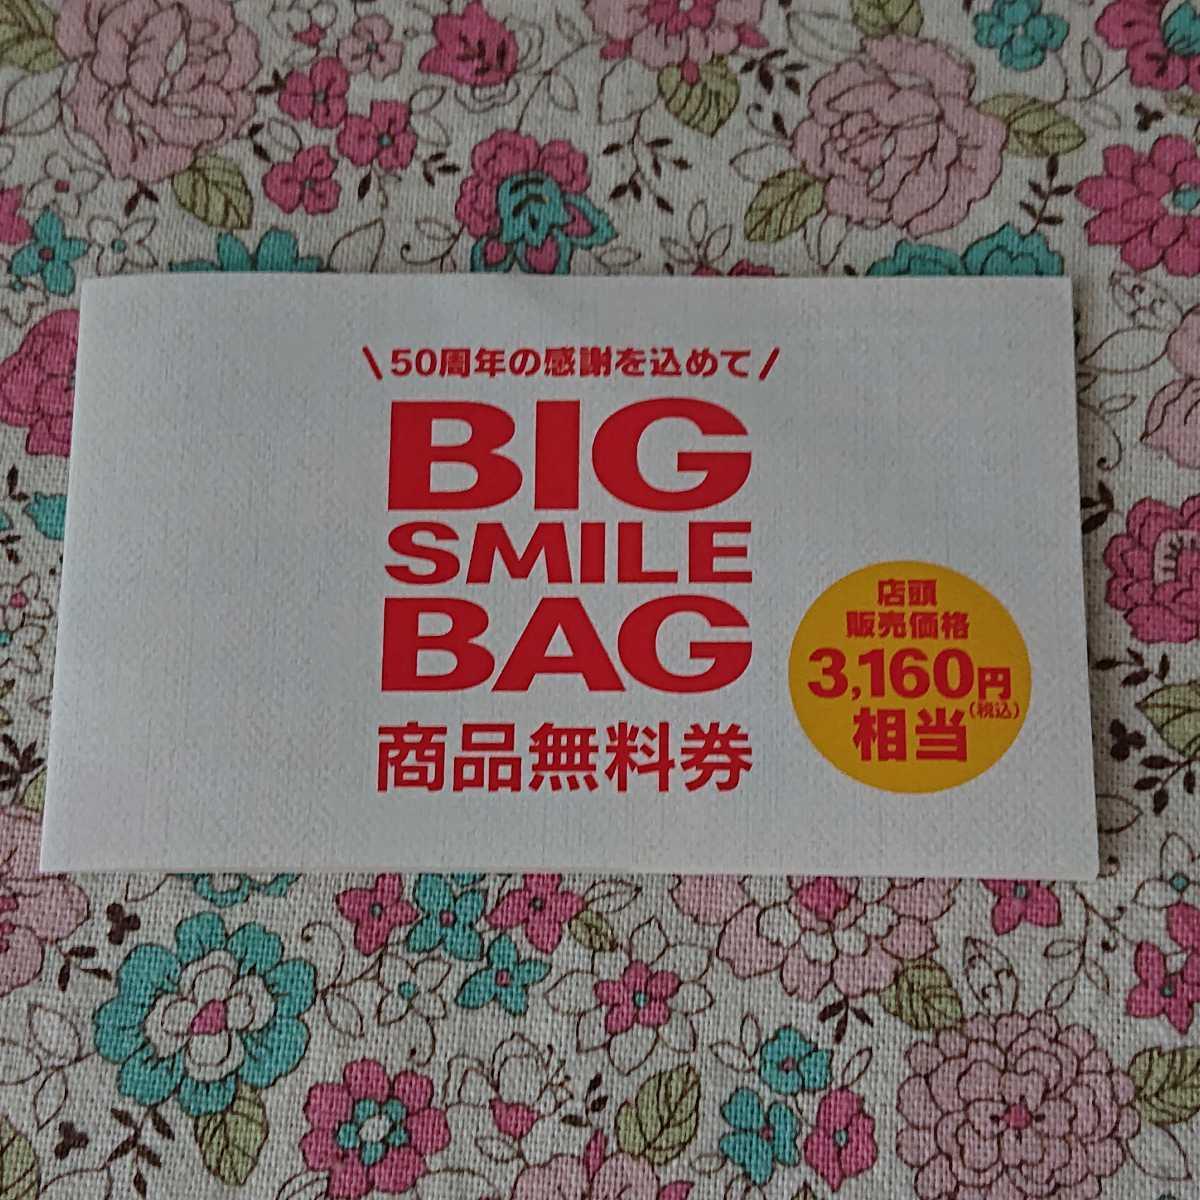 新品 即決あり マクドナルド 商品無料券 3160円相当 BIG SMILE BAG 福袋 2021年夏 クーポン チケット